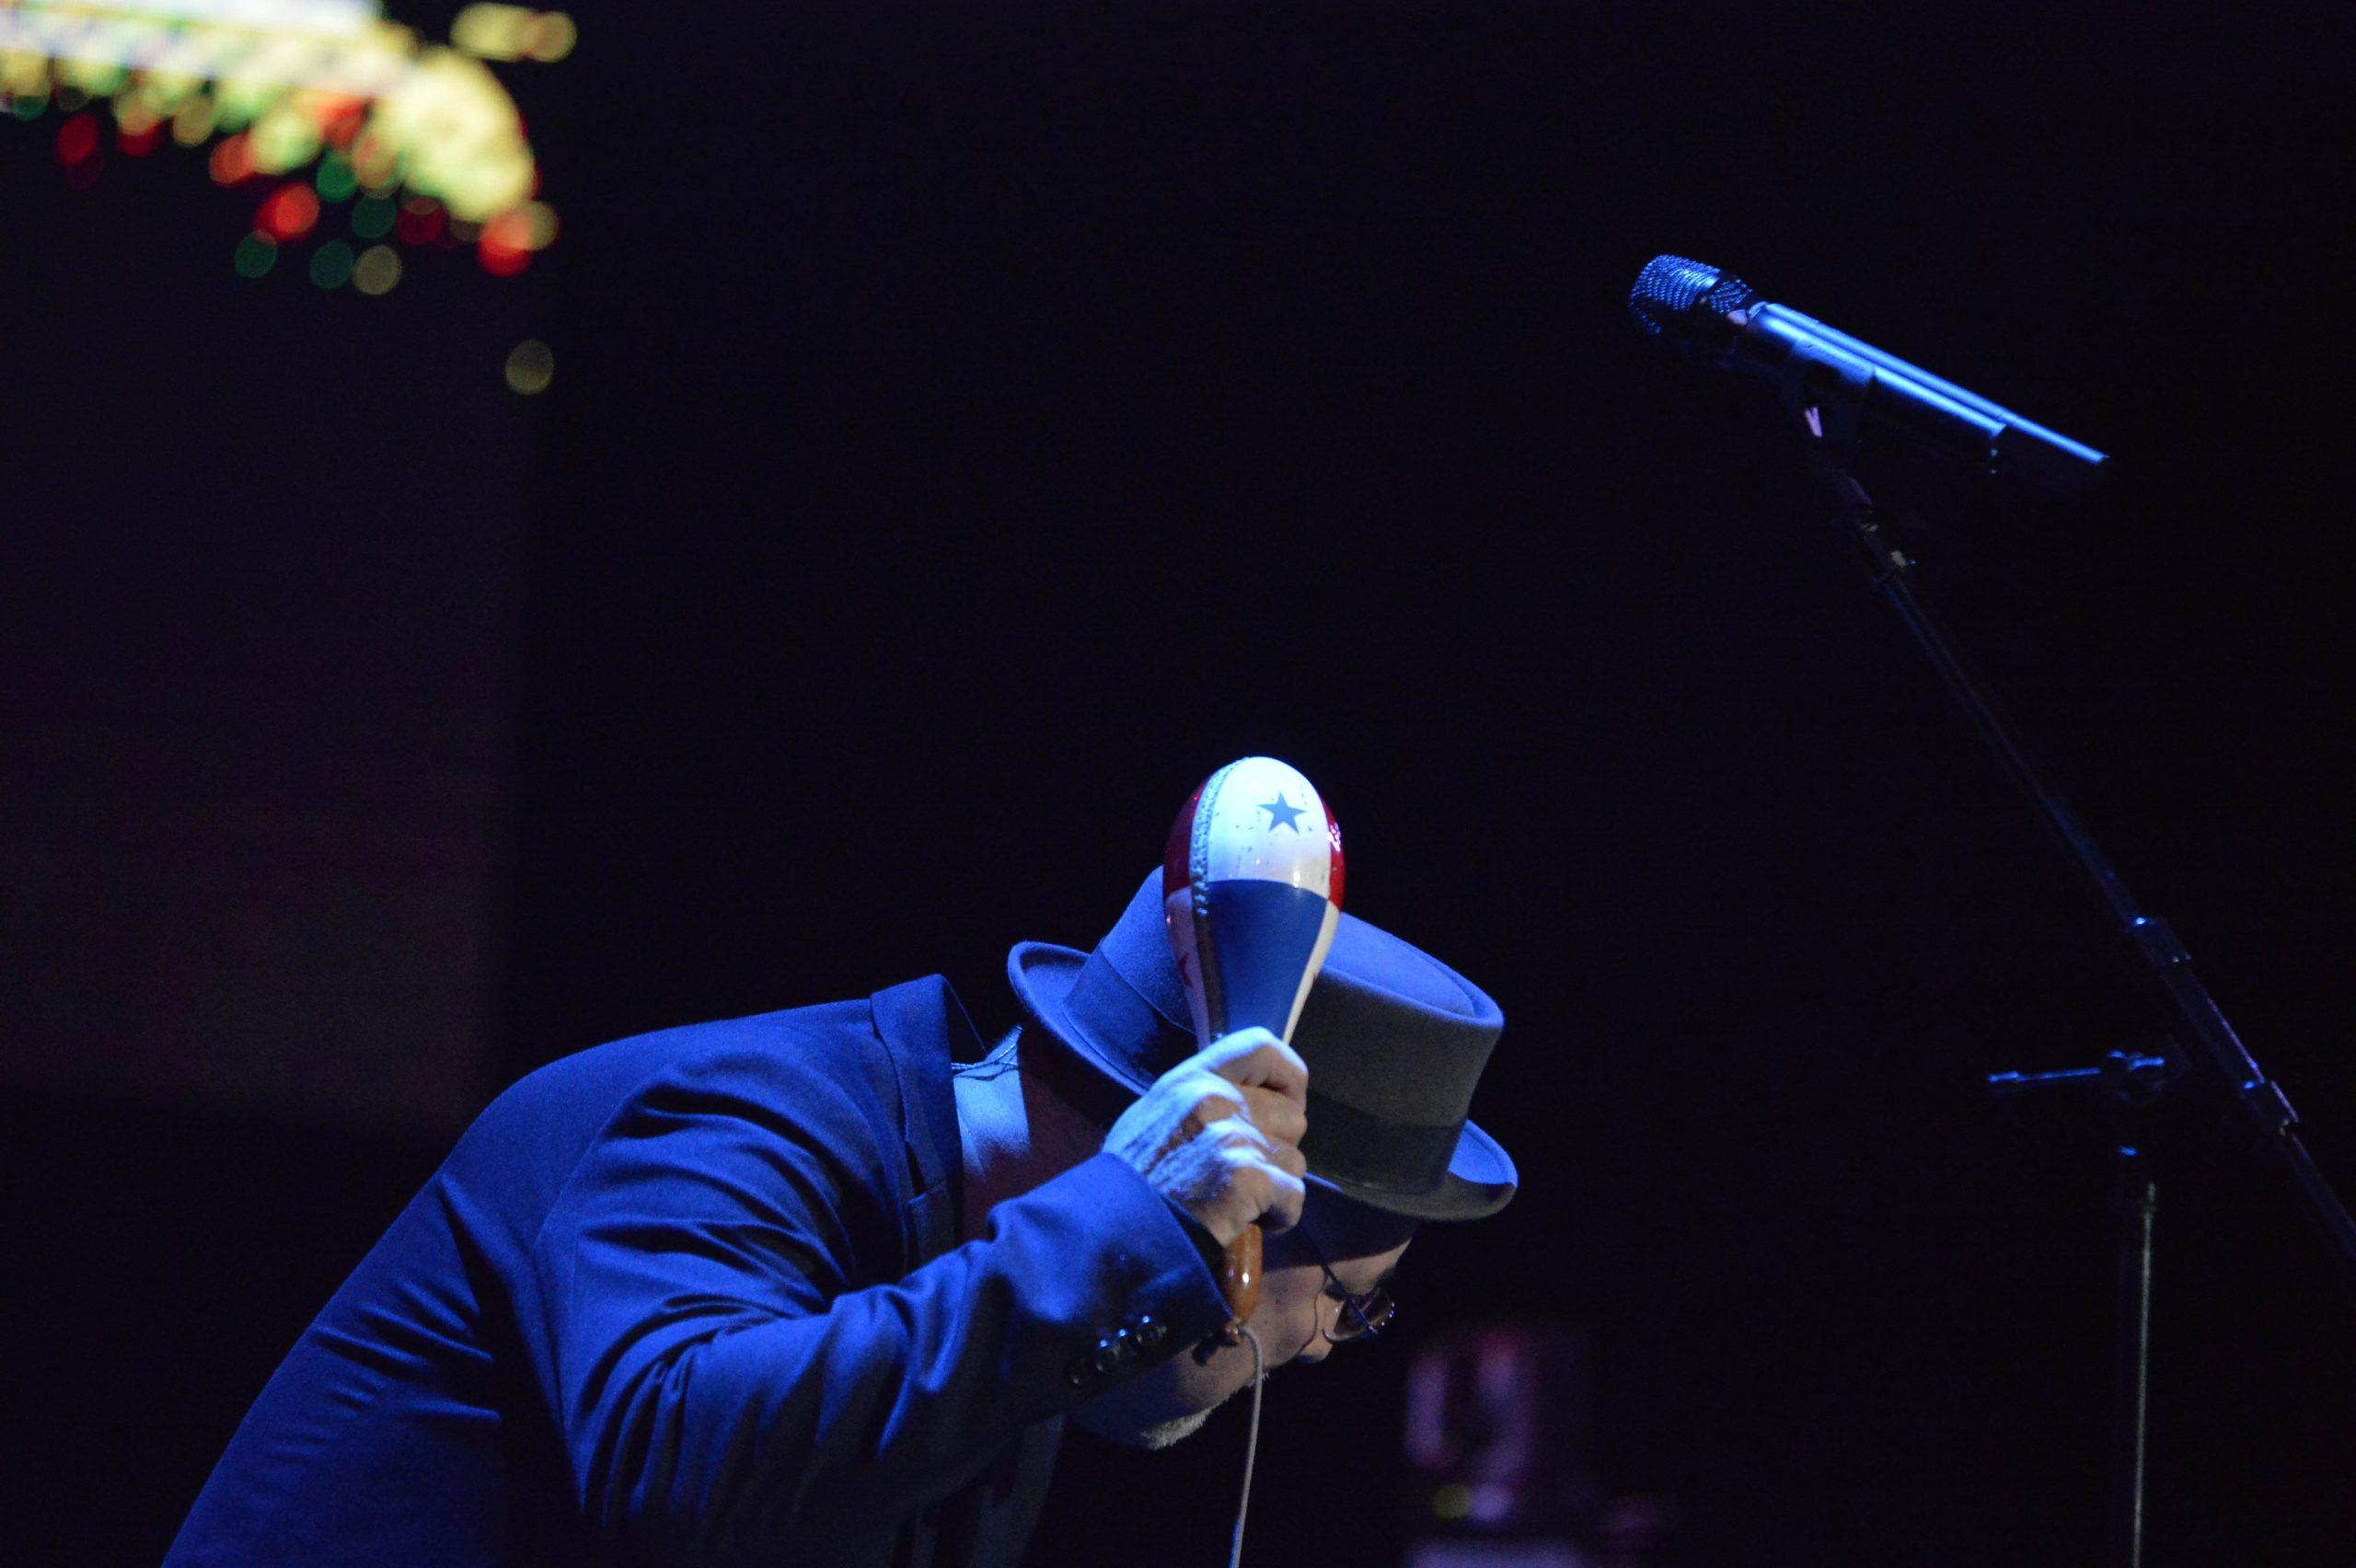 Blades rindió homenaje al inolvidable Cheo Feliciano en su concierto. (Foto José Rodríguez©)